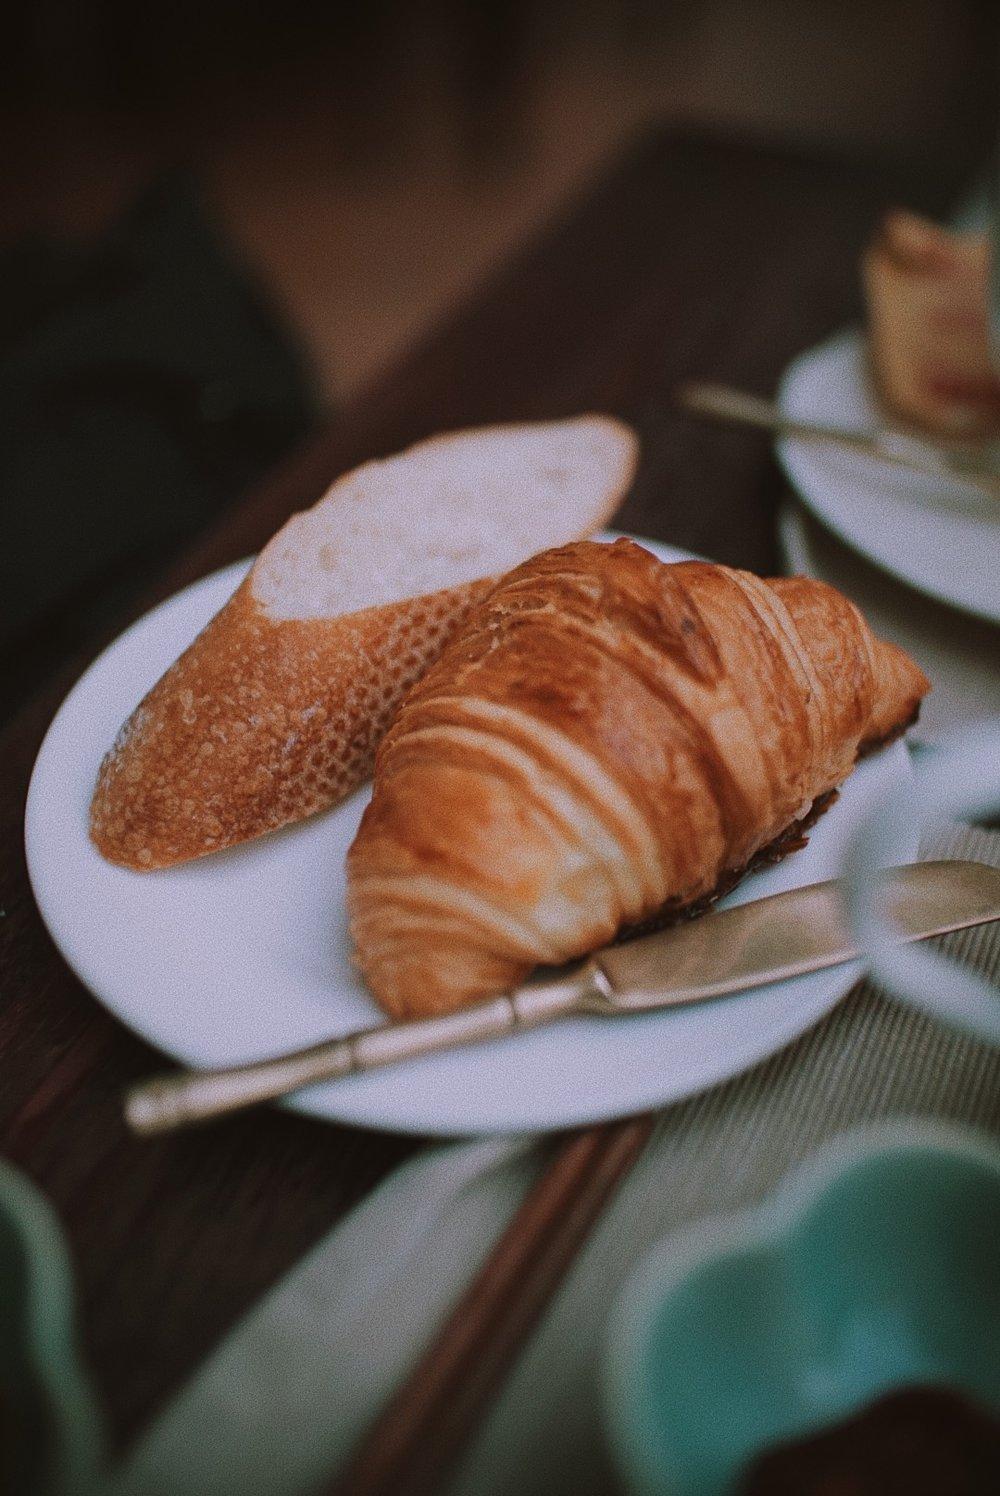 Jangan sampai nggak cobain pastry disana ya. Semua enak-enak banget, mostly French pastry.